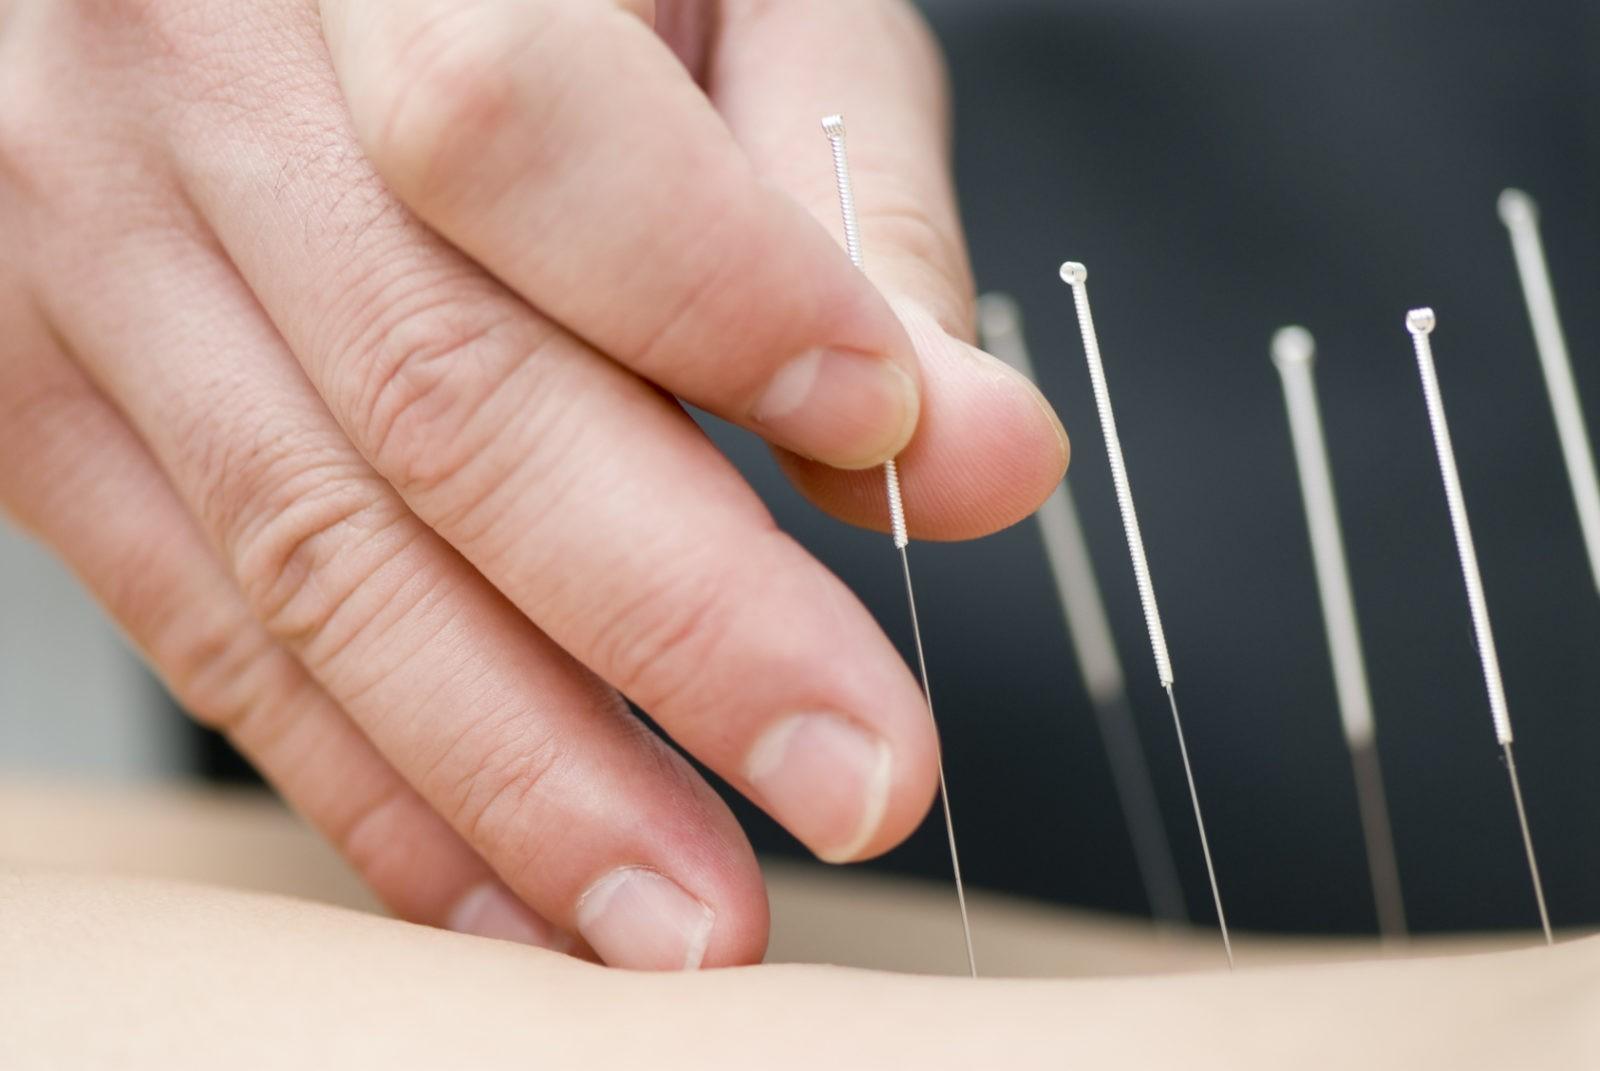 Акупунктура для лечения простатита